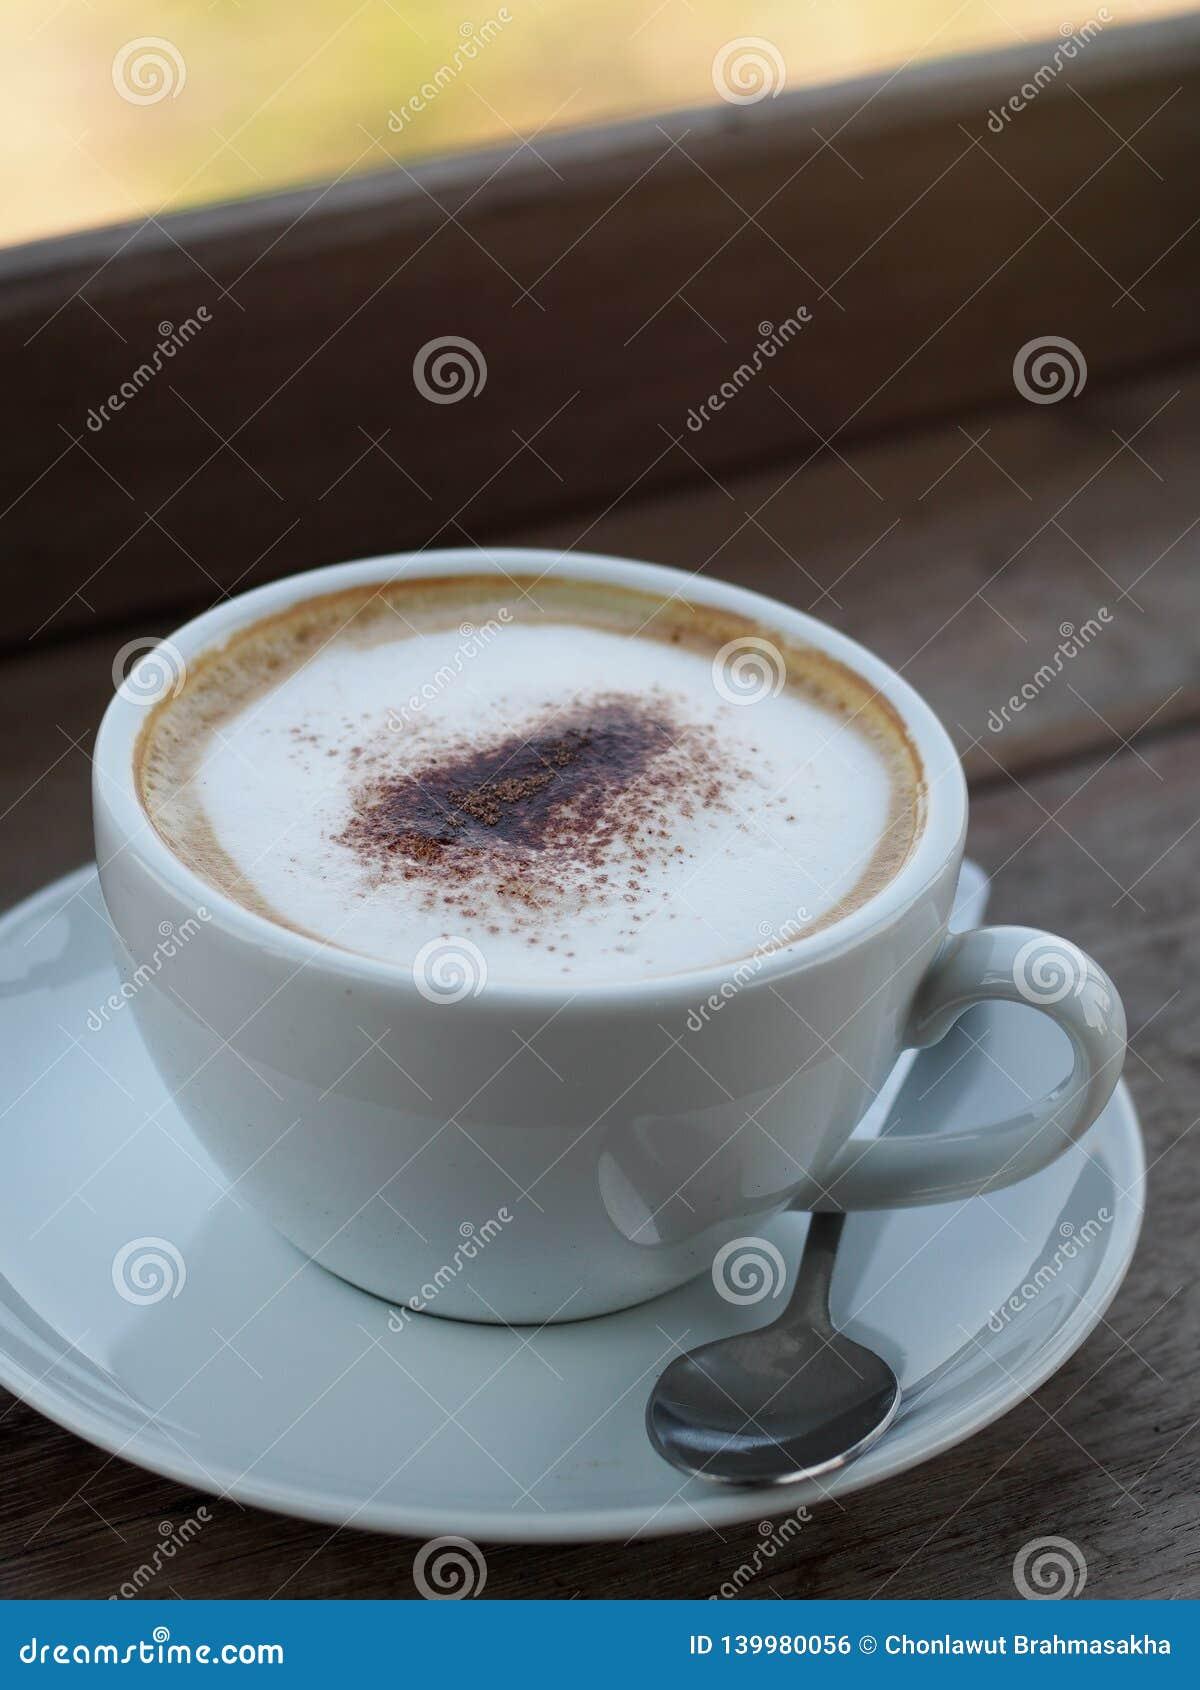 Le cappuccino chaud avec la pleine bulle fine crème peu de poudre de cacao a servi dans la tasse de café en céramique blanche